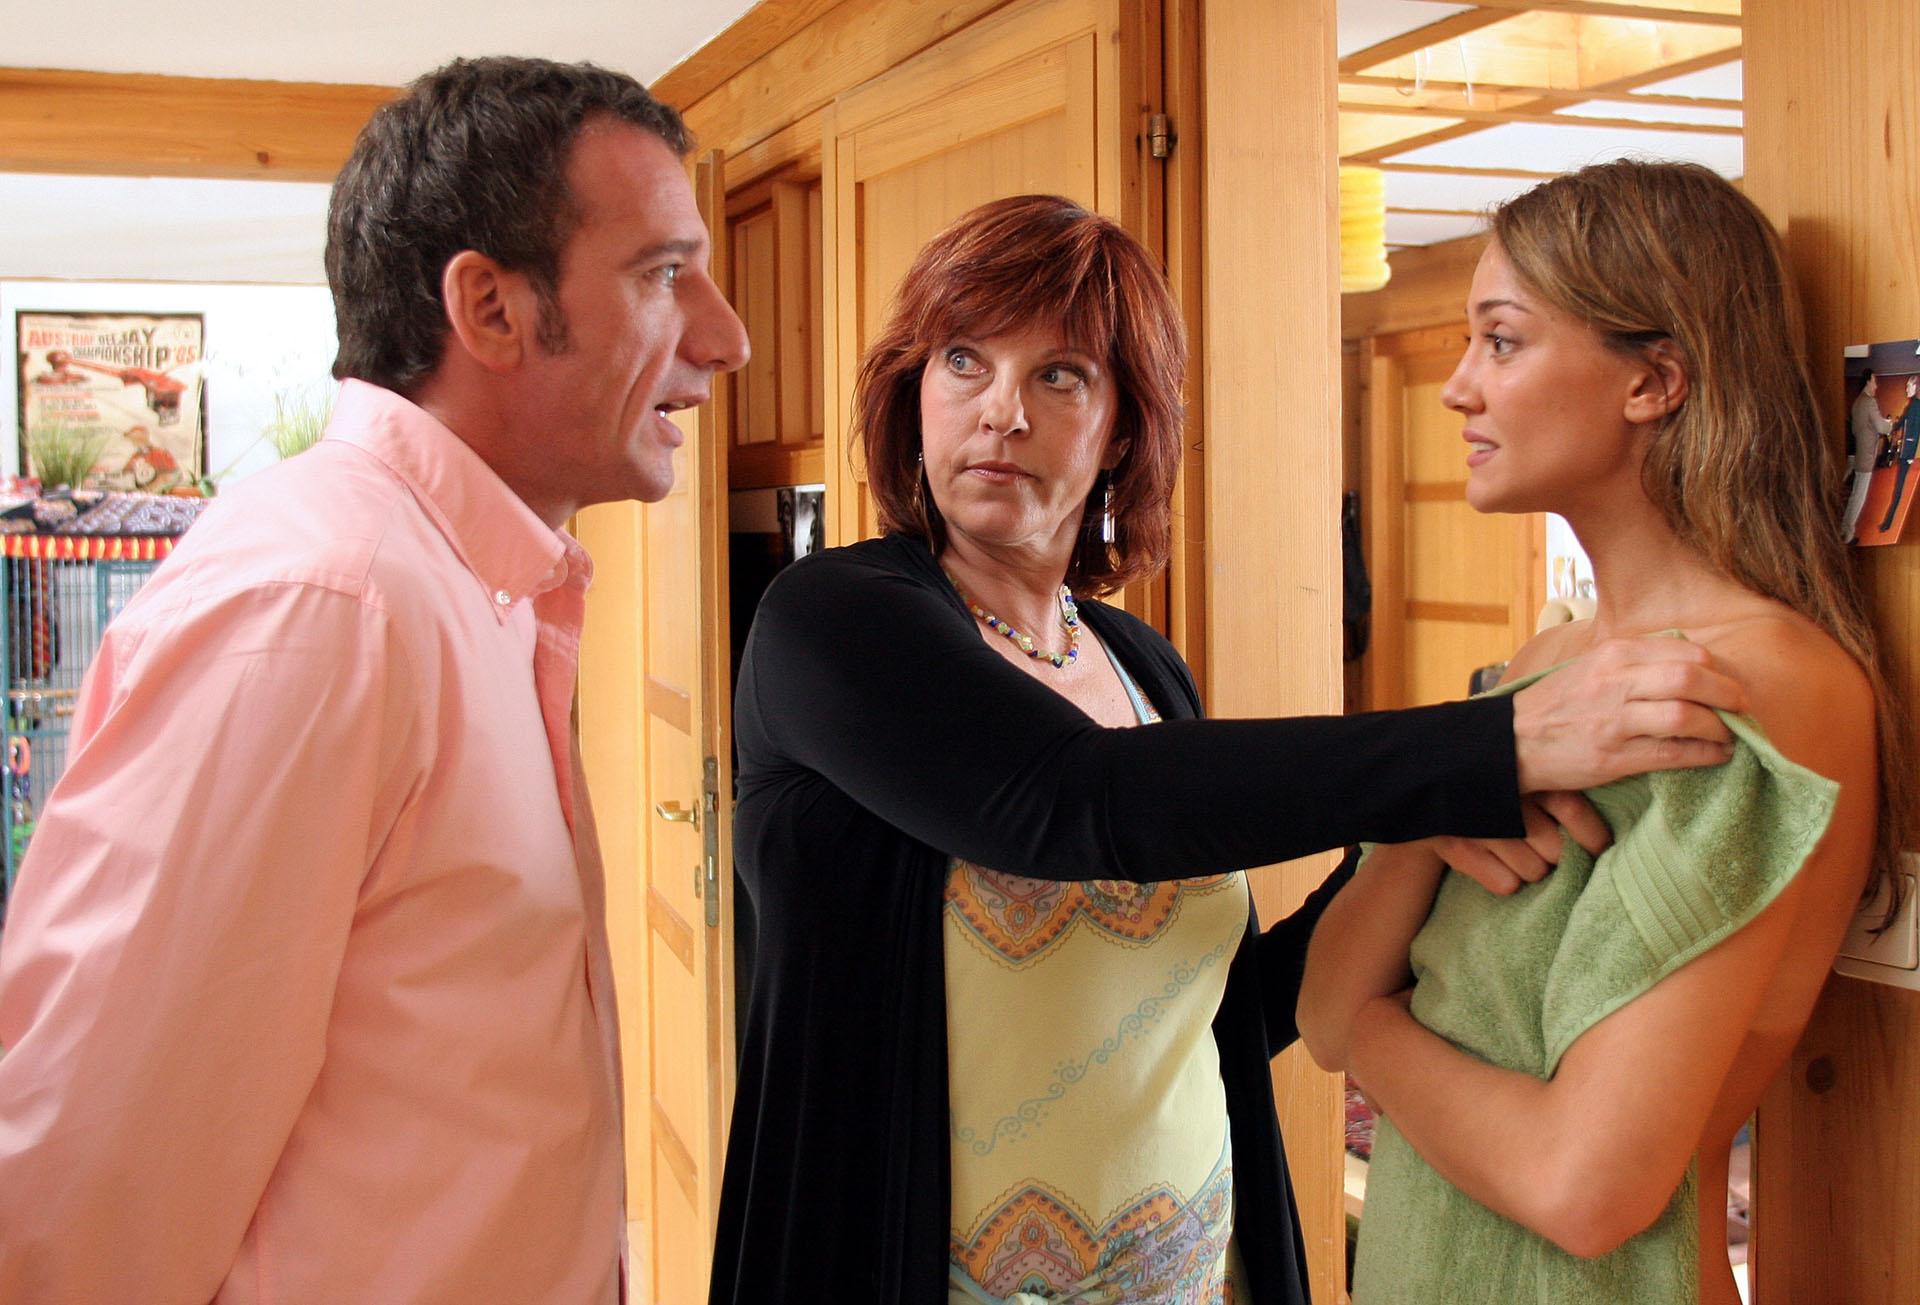 © ORF / Petro Domenigg (Star*Film) - Heio von Stetten, Elfi Eschke, Nicole Ennemoser